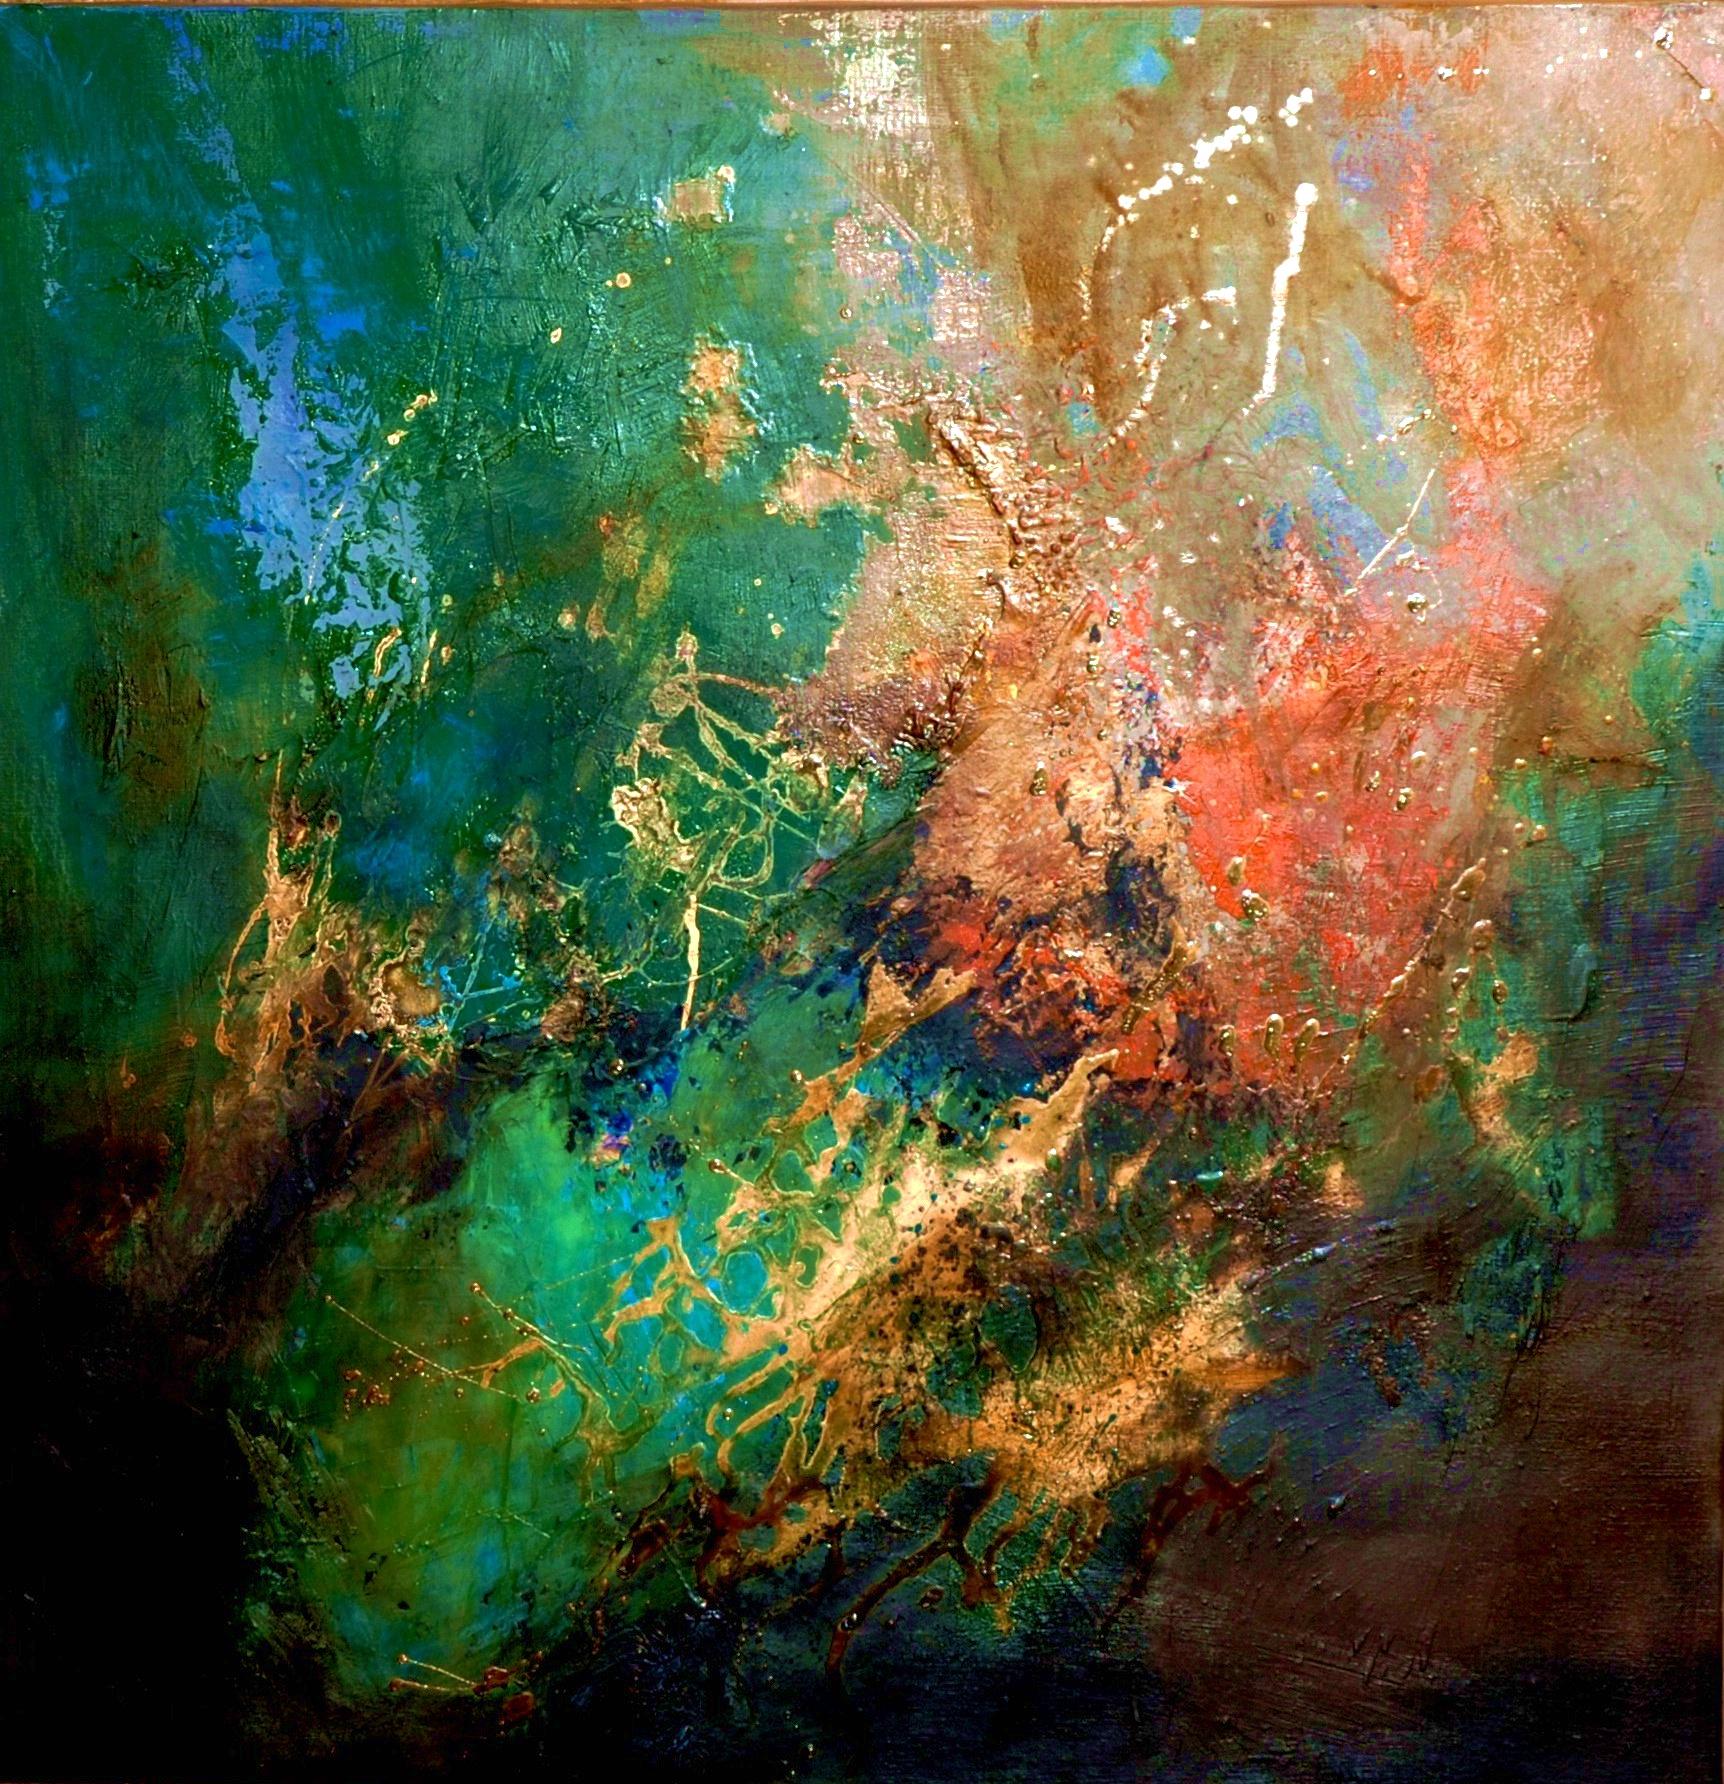 Clairière huile sur toile 80x80 cm collection particulière